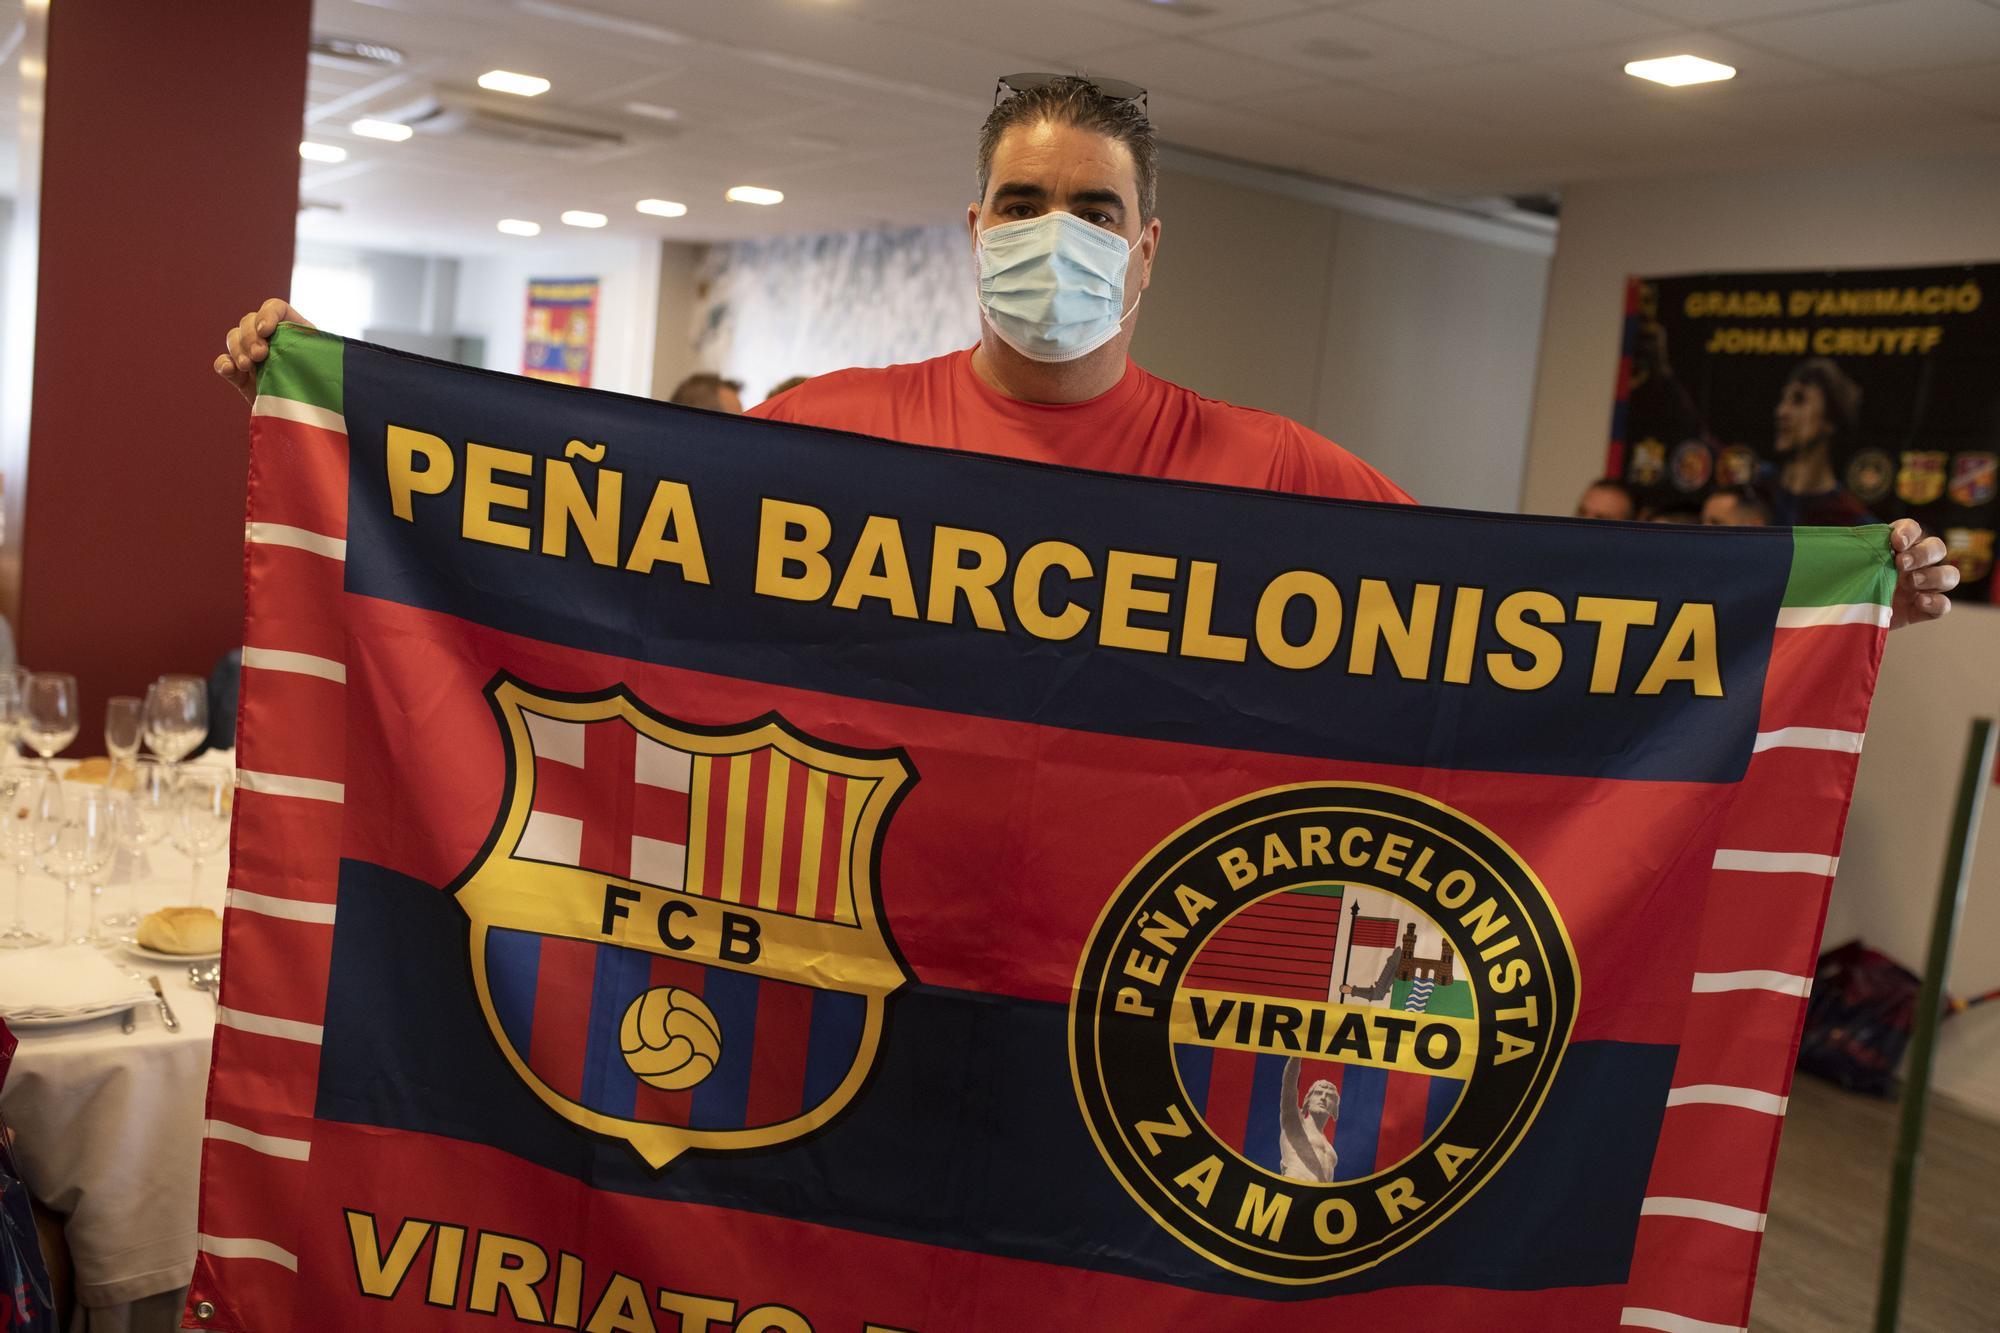 Peña barcelonista Viriato de Zamora